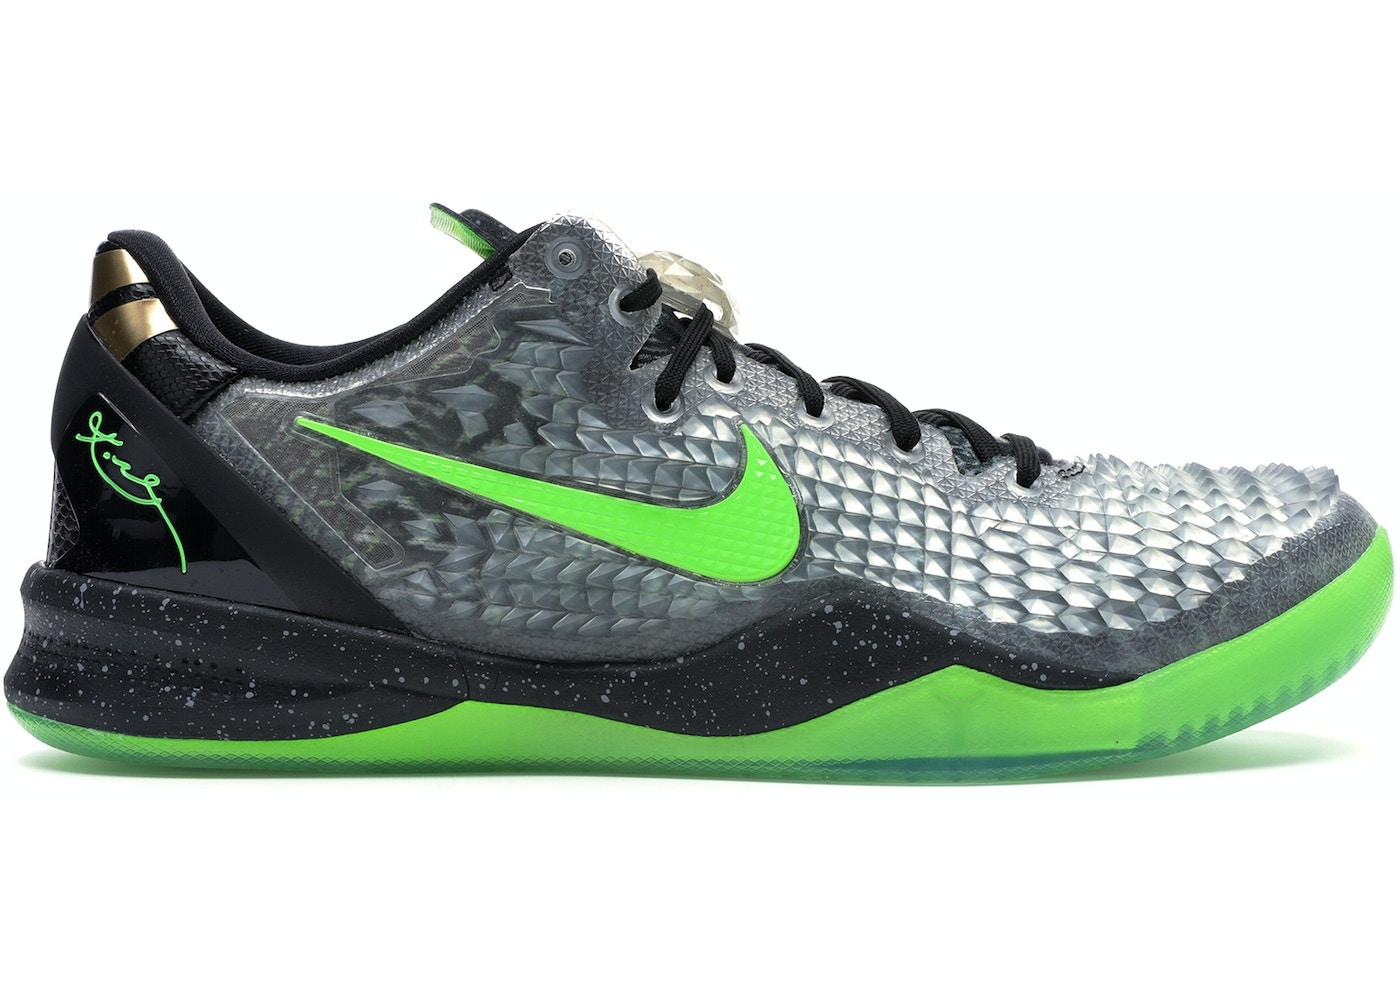 a0434ab0916d Nike Kobe 8 Shoes - Last Sale